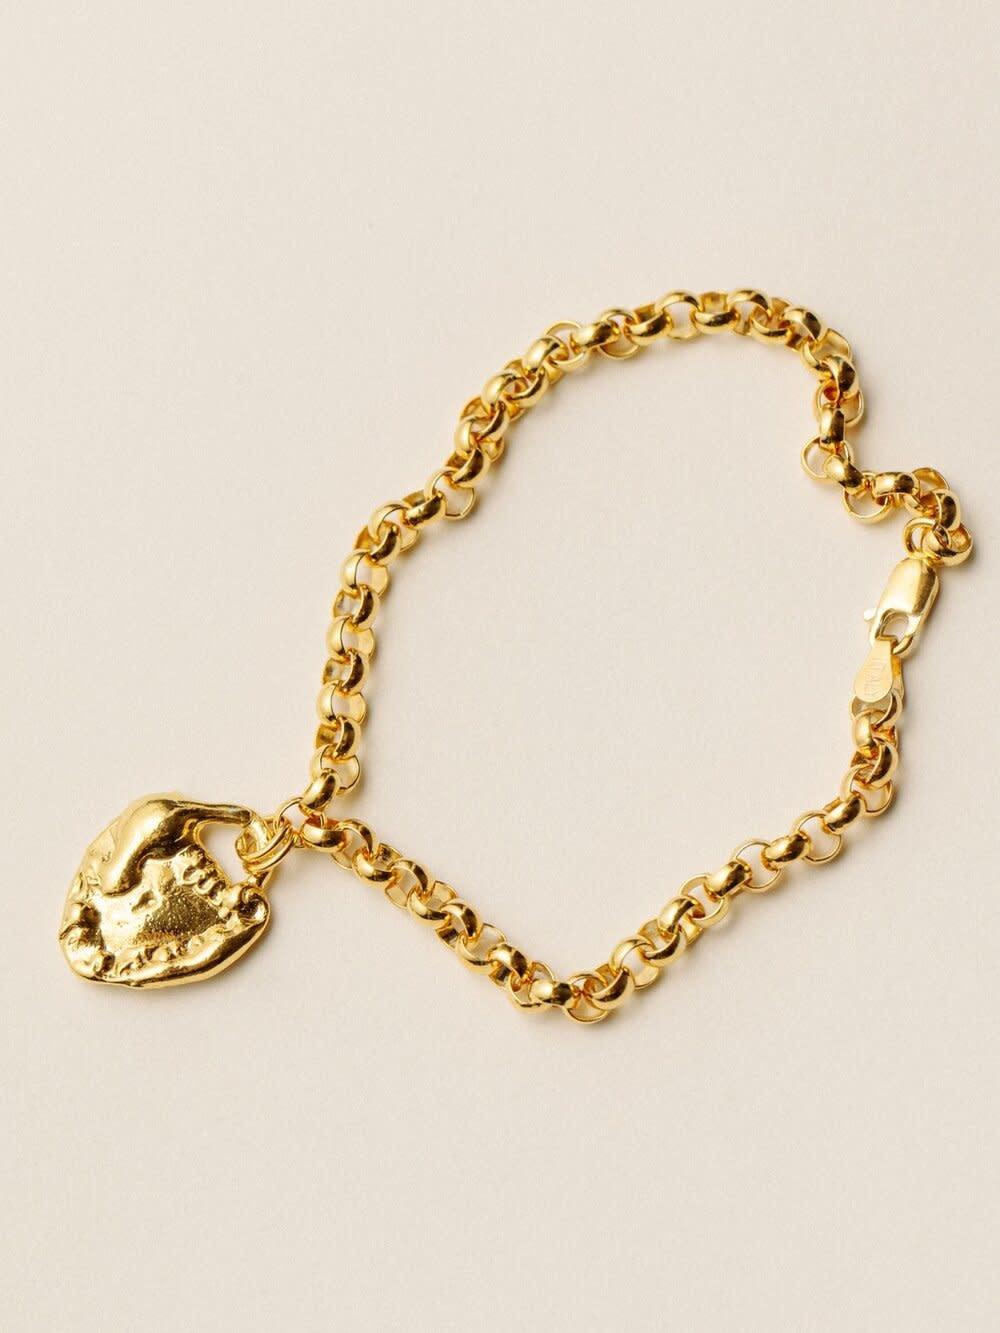 Pamela Card Bracelet - Unveiled Love - 24K Gold Plated